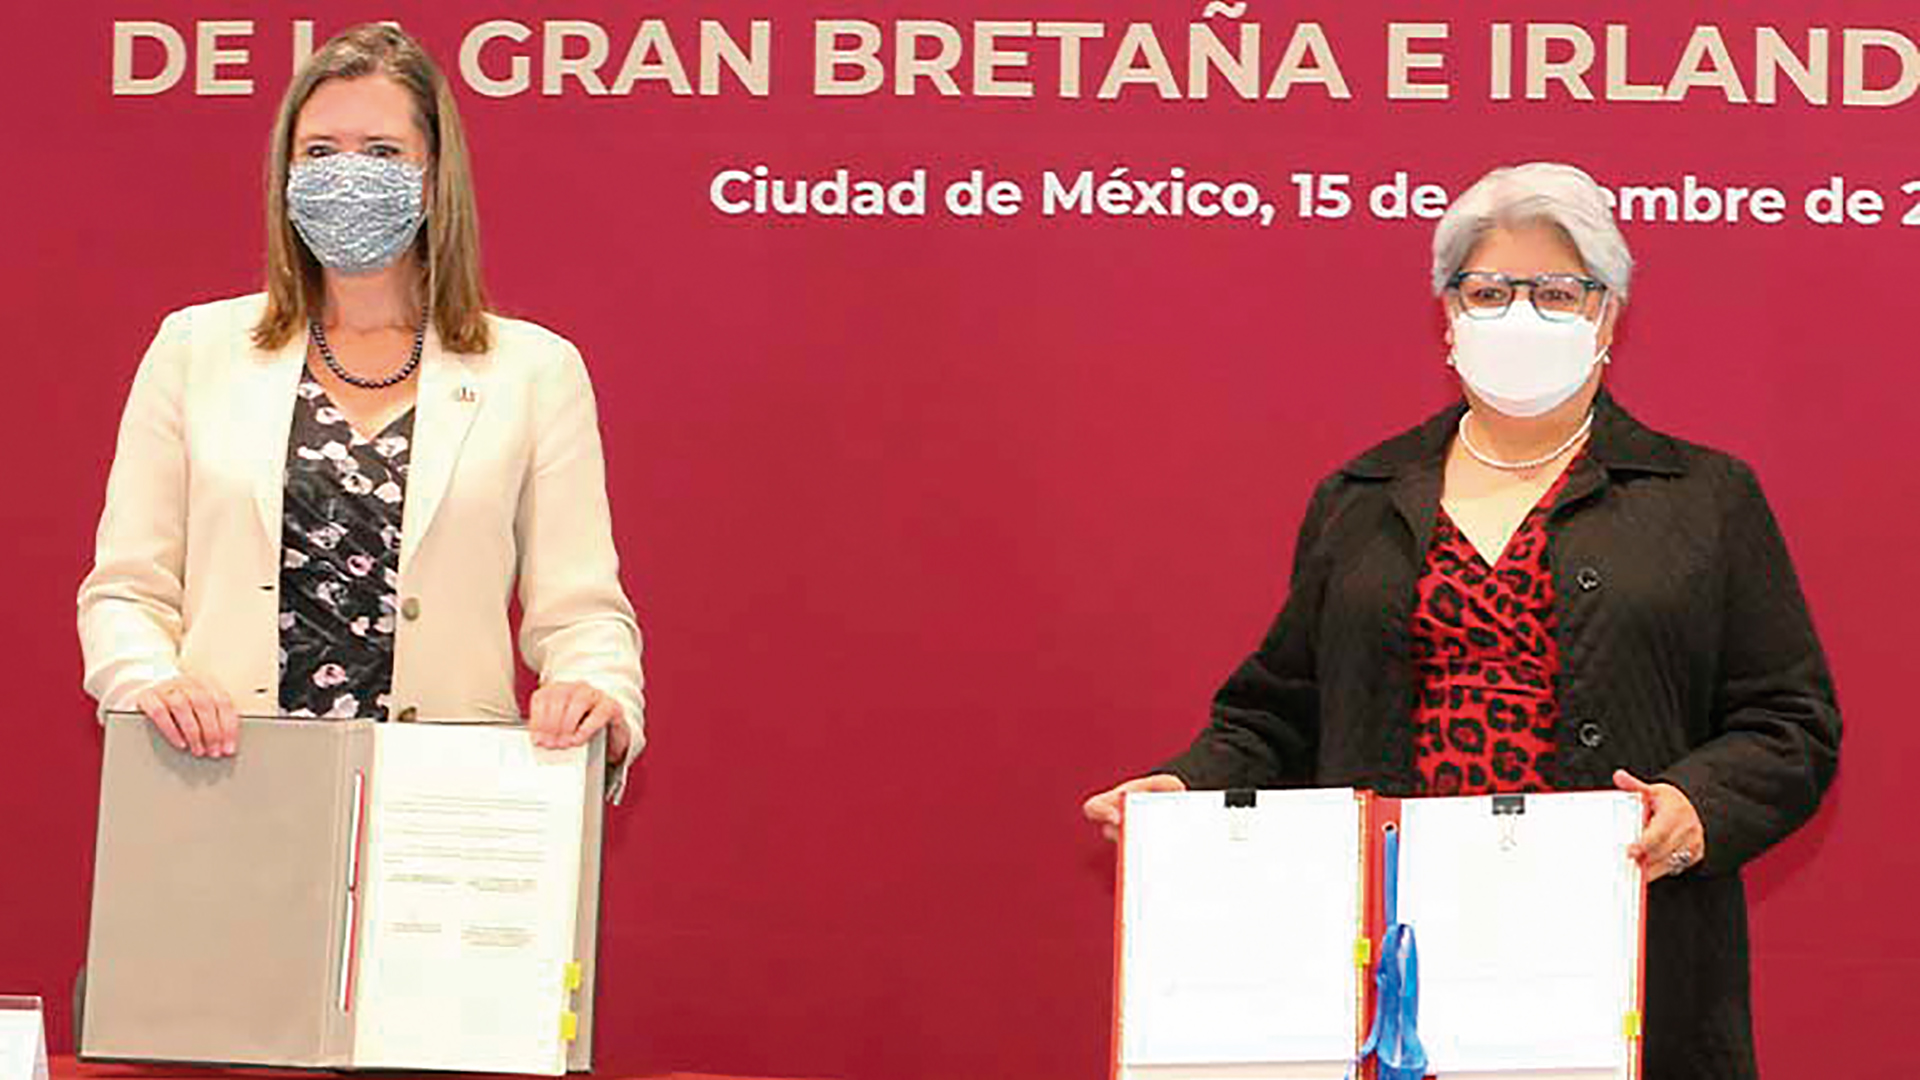 La Excma. Sra. Corin Robertson, Embajadora del Reino Unido y Graciela Márquez, Secretaria de Economía.